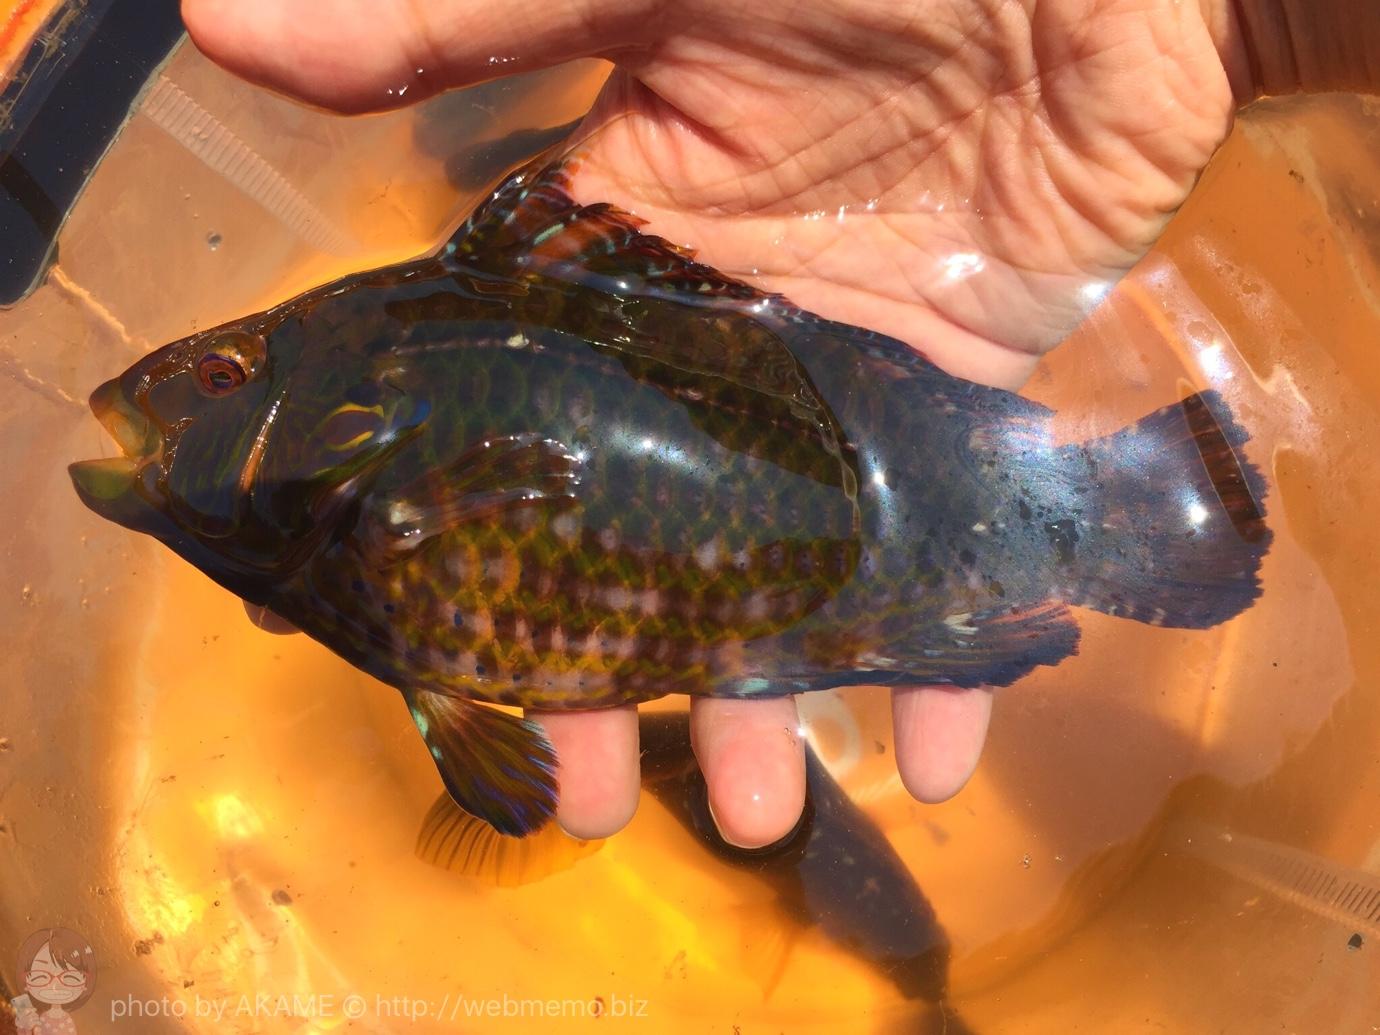 ゴールデンウィークの城ヶ島 釣りの感想